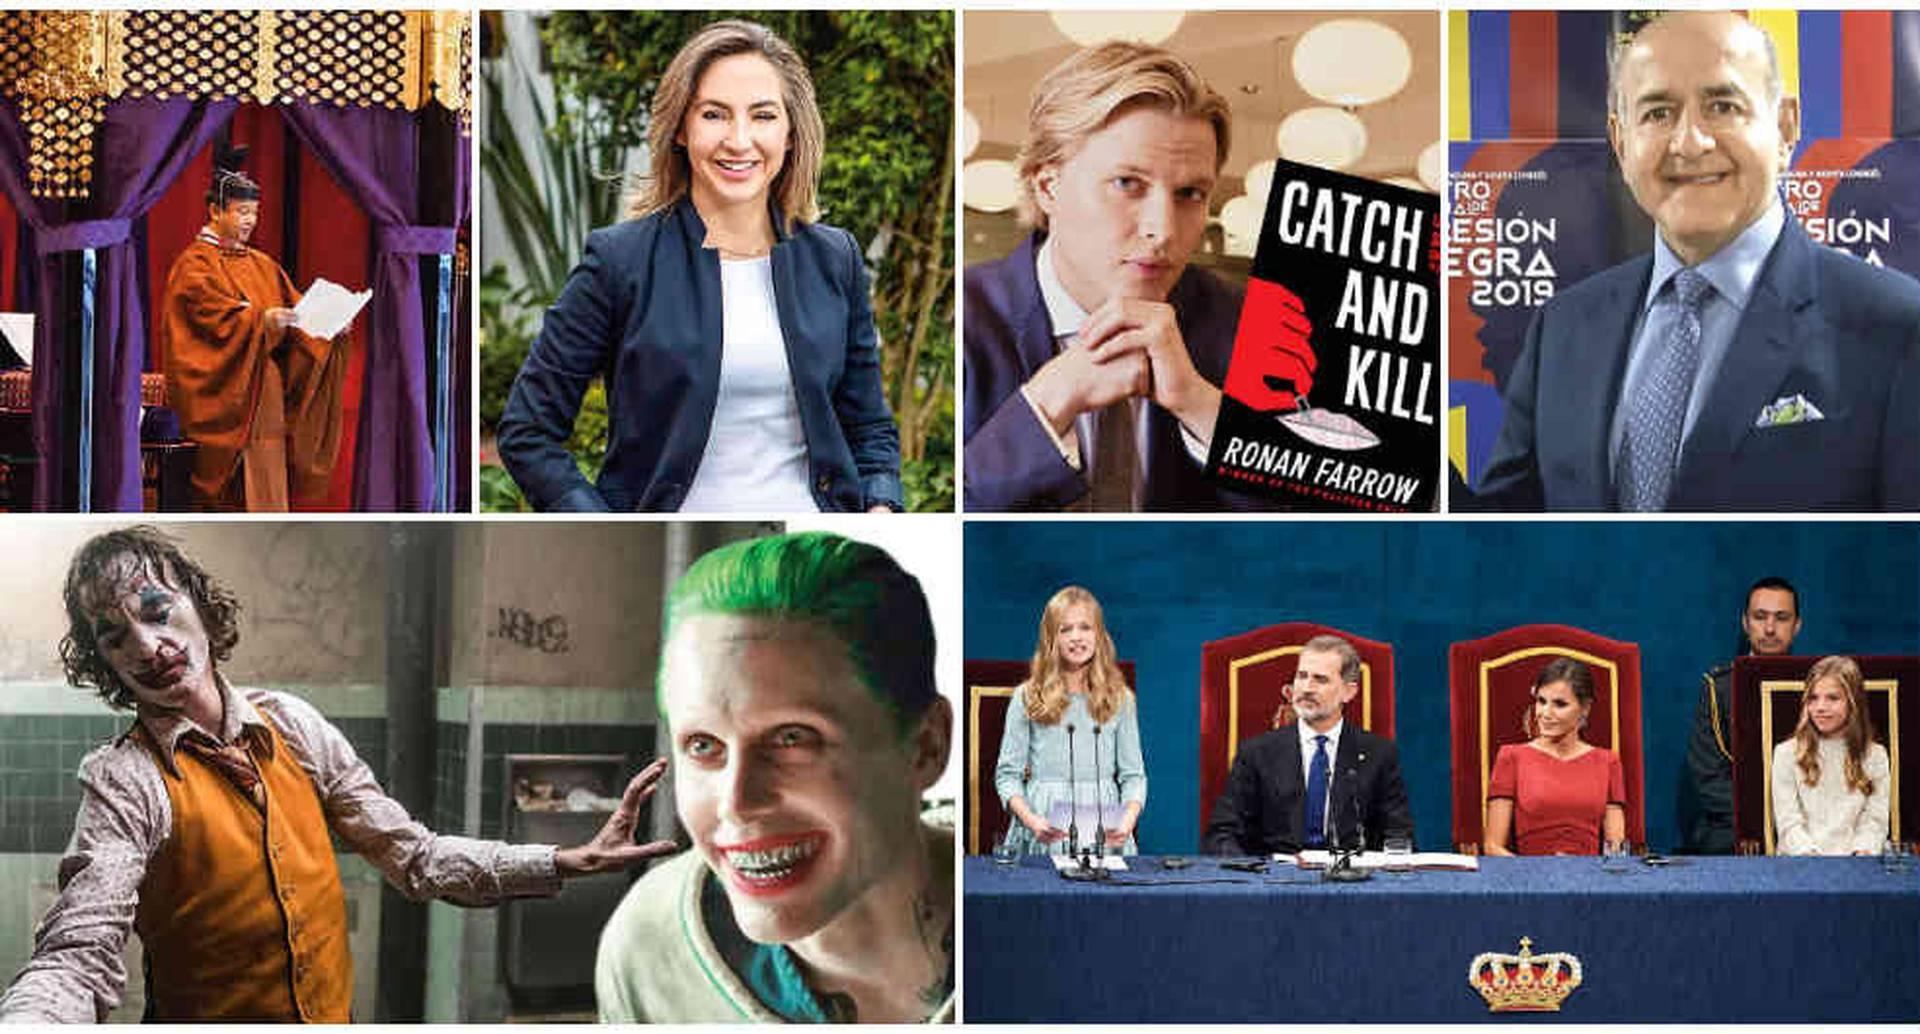 Algunos protagonistas de la semana: Naruhito, Ronan Farrow, Joaquin Phoenix, Jared Leto y la princesa Leonor